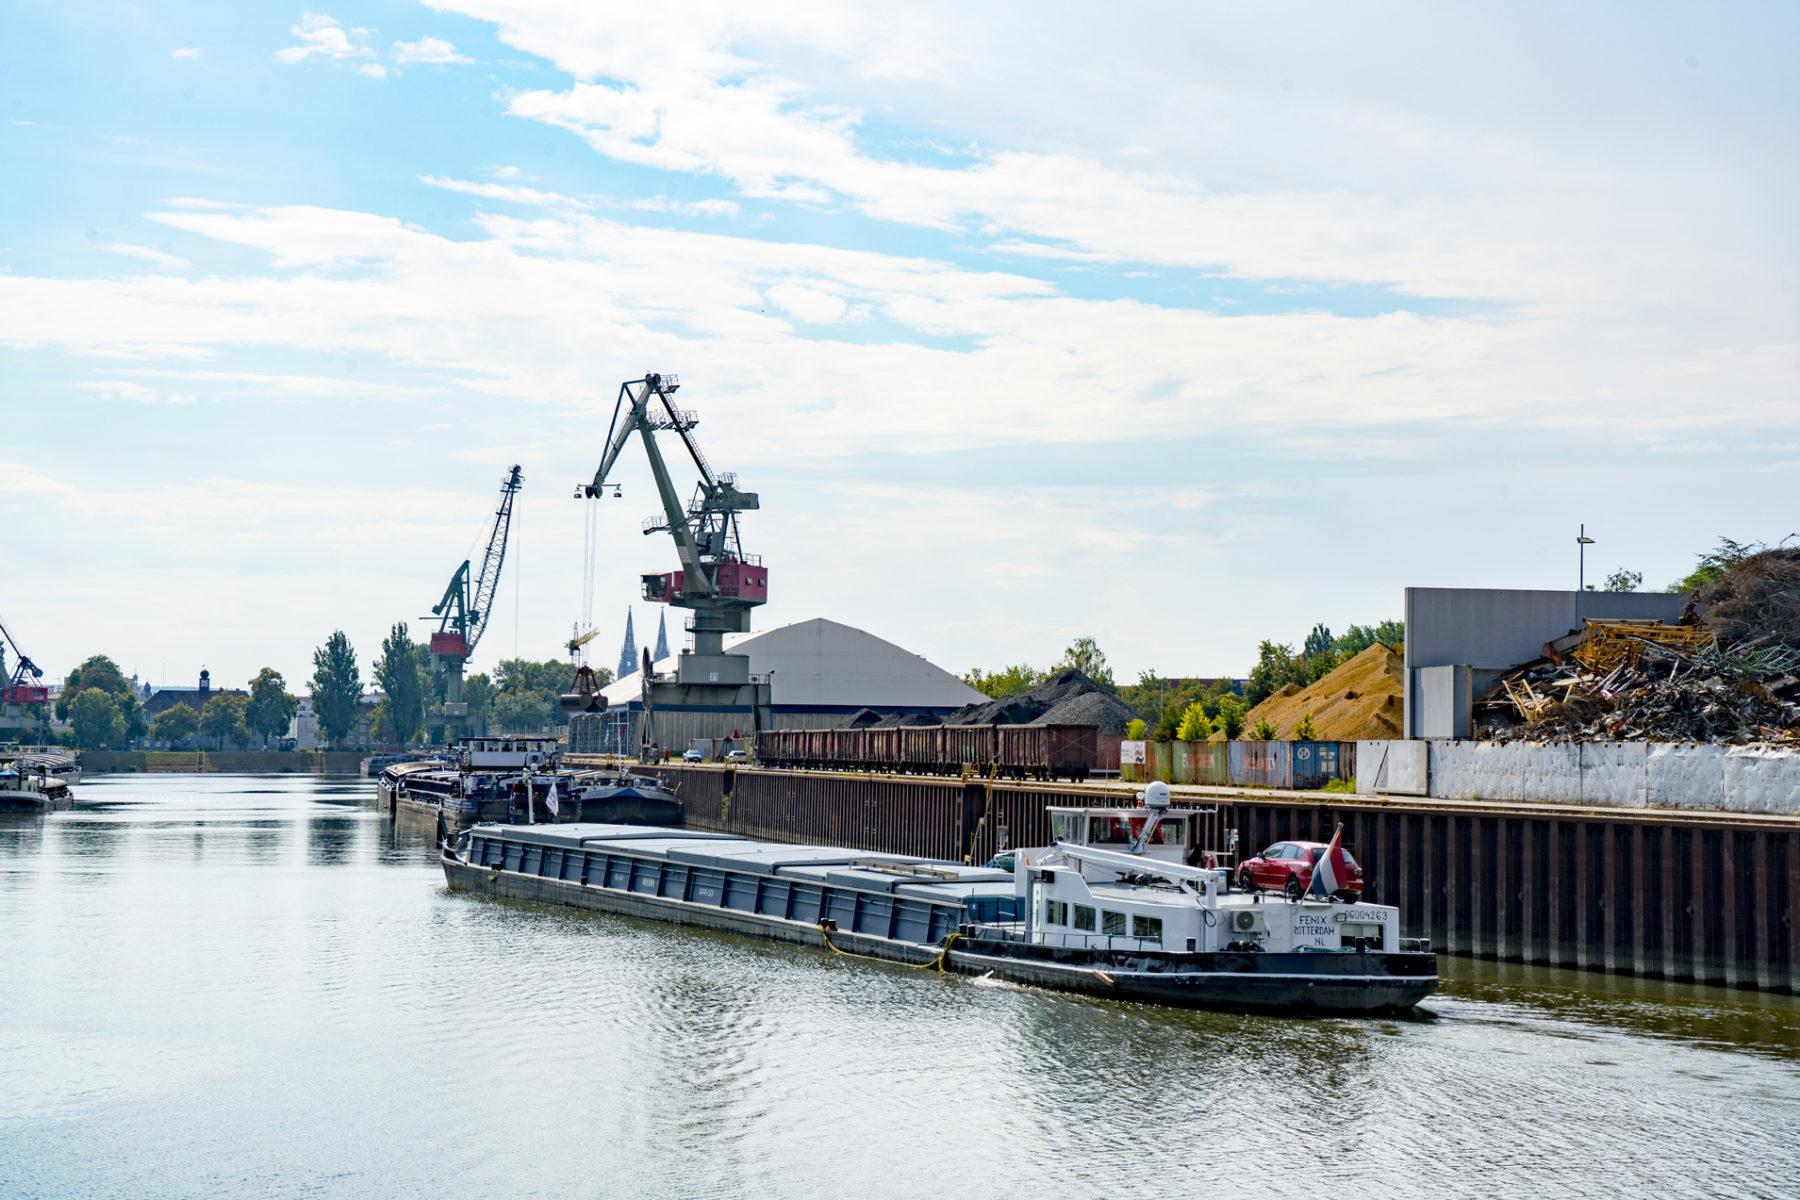 Einfahrt Binnenschiff Motorgüterschiff Hafenbecken Westhafen bayernhafen Regensburg